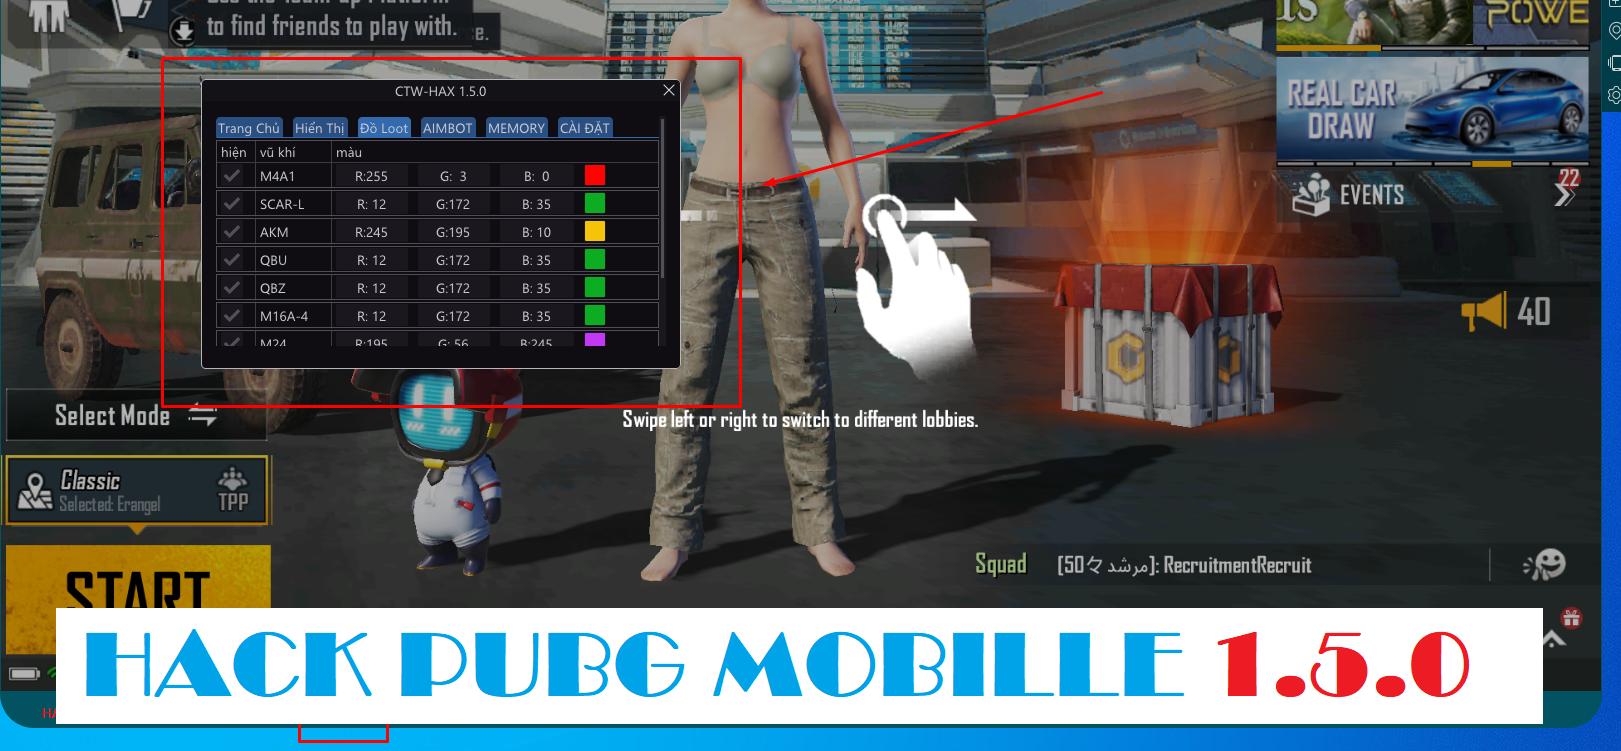 PUBG MOBILE 1.5.0 | CTW HAX MAGIC BULLET  [updated 9-7]